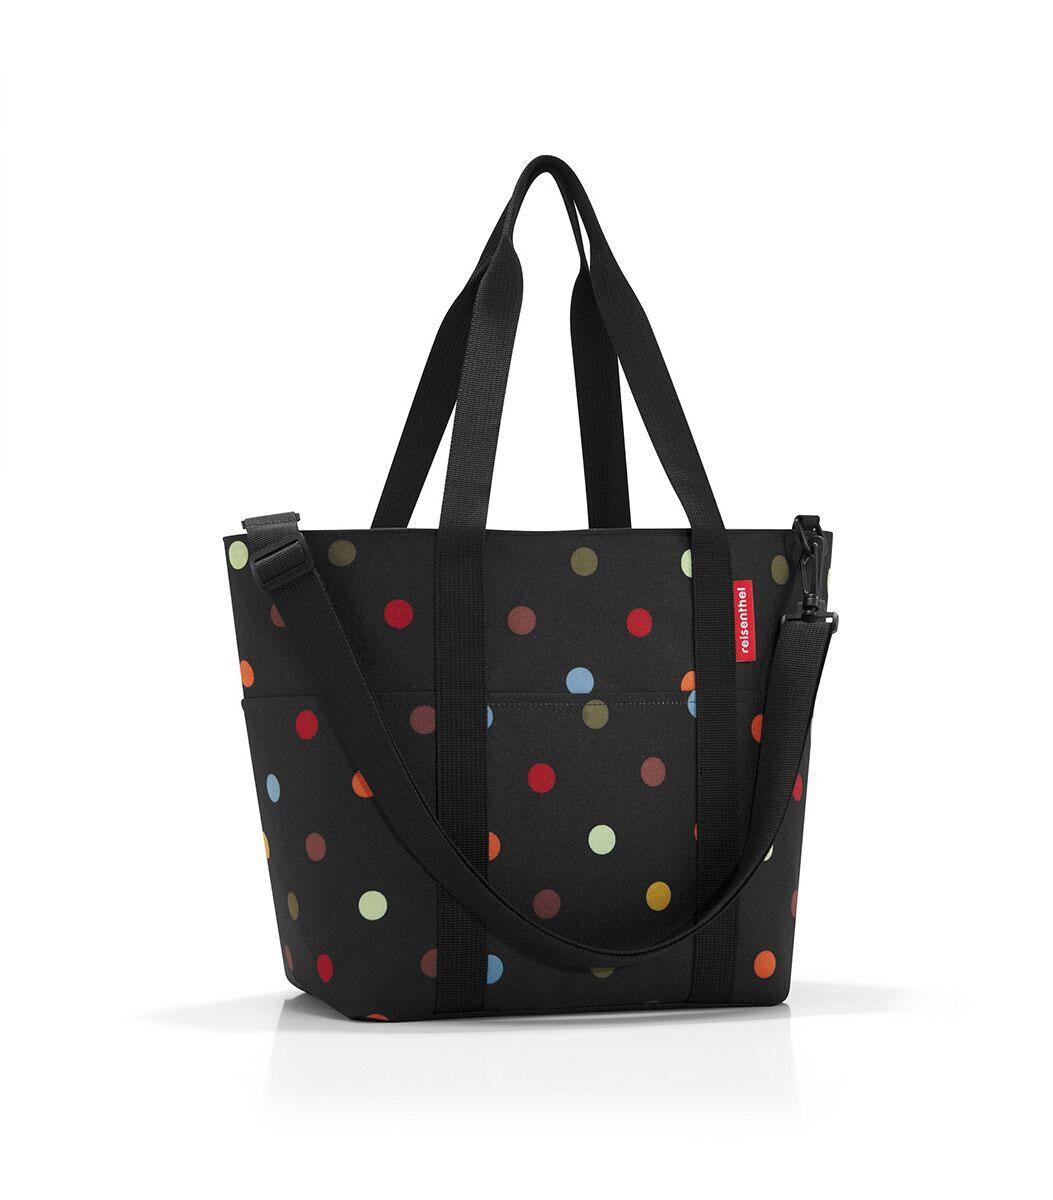 Сумка-шоппер женская Reisenthel, цвет: черный. MZ700910931-1Универсальная сумка для прогулок, пикника или шоппинга. Продуманный дизайн сочетает внешнюю привлекательность и исключительную практичность. Изобилие карманов и отделений помогает держать в порядке даже большое количество разнообразных вещей.У модели вместительное основное отделение на молнии, 2 удобные ручки для переноски, съемный регулируемый наплечный ремень, 4 внешних и 6 внутренних отделения, небольшой потайной карман, вшитый в подкладку, подкладка на дне, обеспечивающая прочность и стойкую форму, материал: высококачественный водостойкий полиэстер, объем – 15 литров.